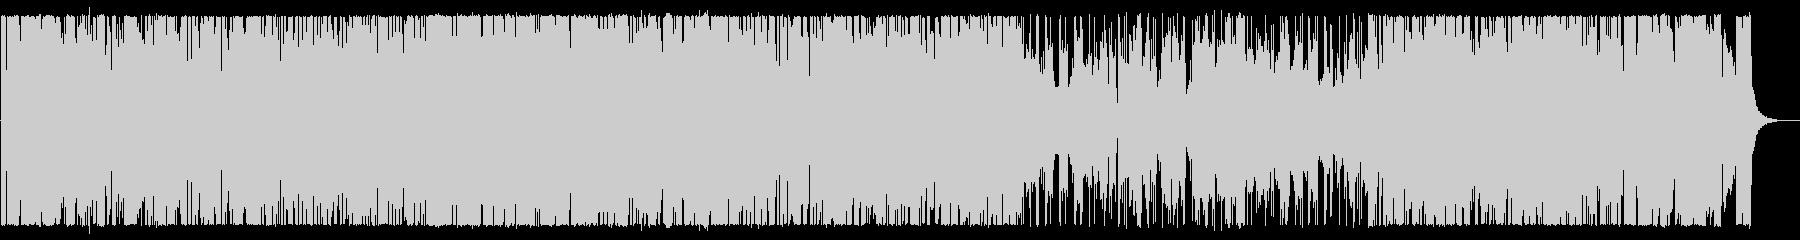 柔らかく弾むイージーリスニングの未再生の波形